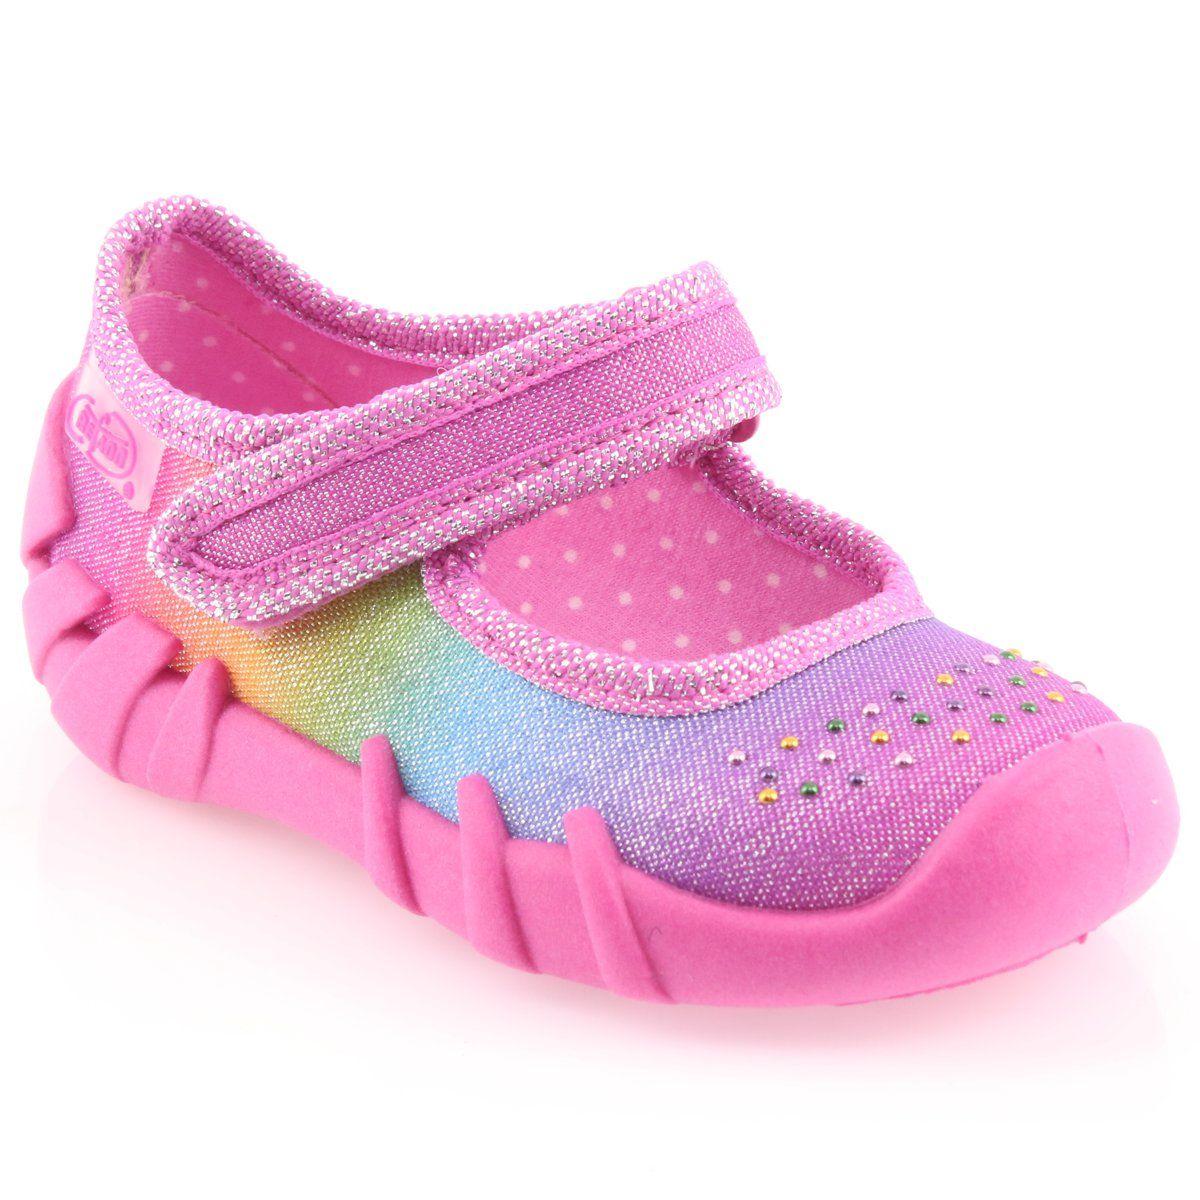 Befado Kolorowe Obuwie Dzieciece 109p183 Rozowe Wielokolorowe Childrens Shoes Kid Shoes Childrens Slippers